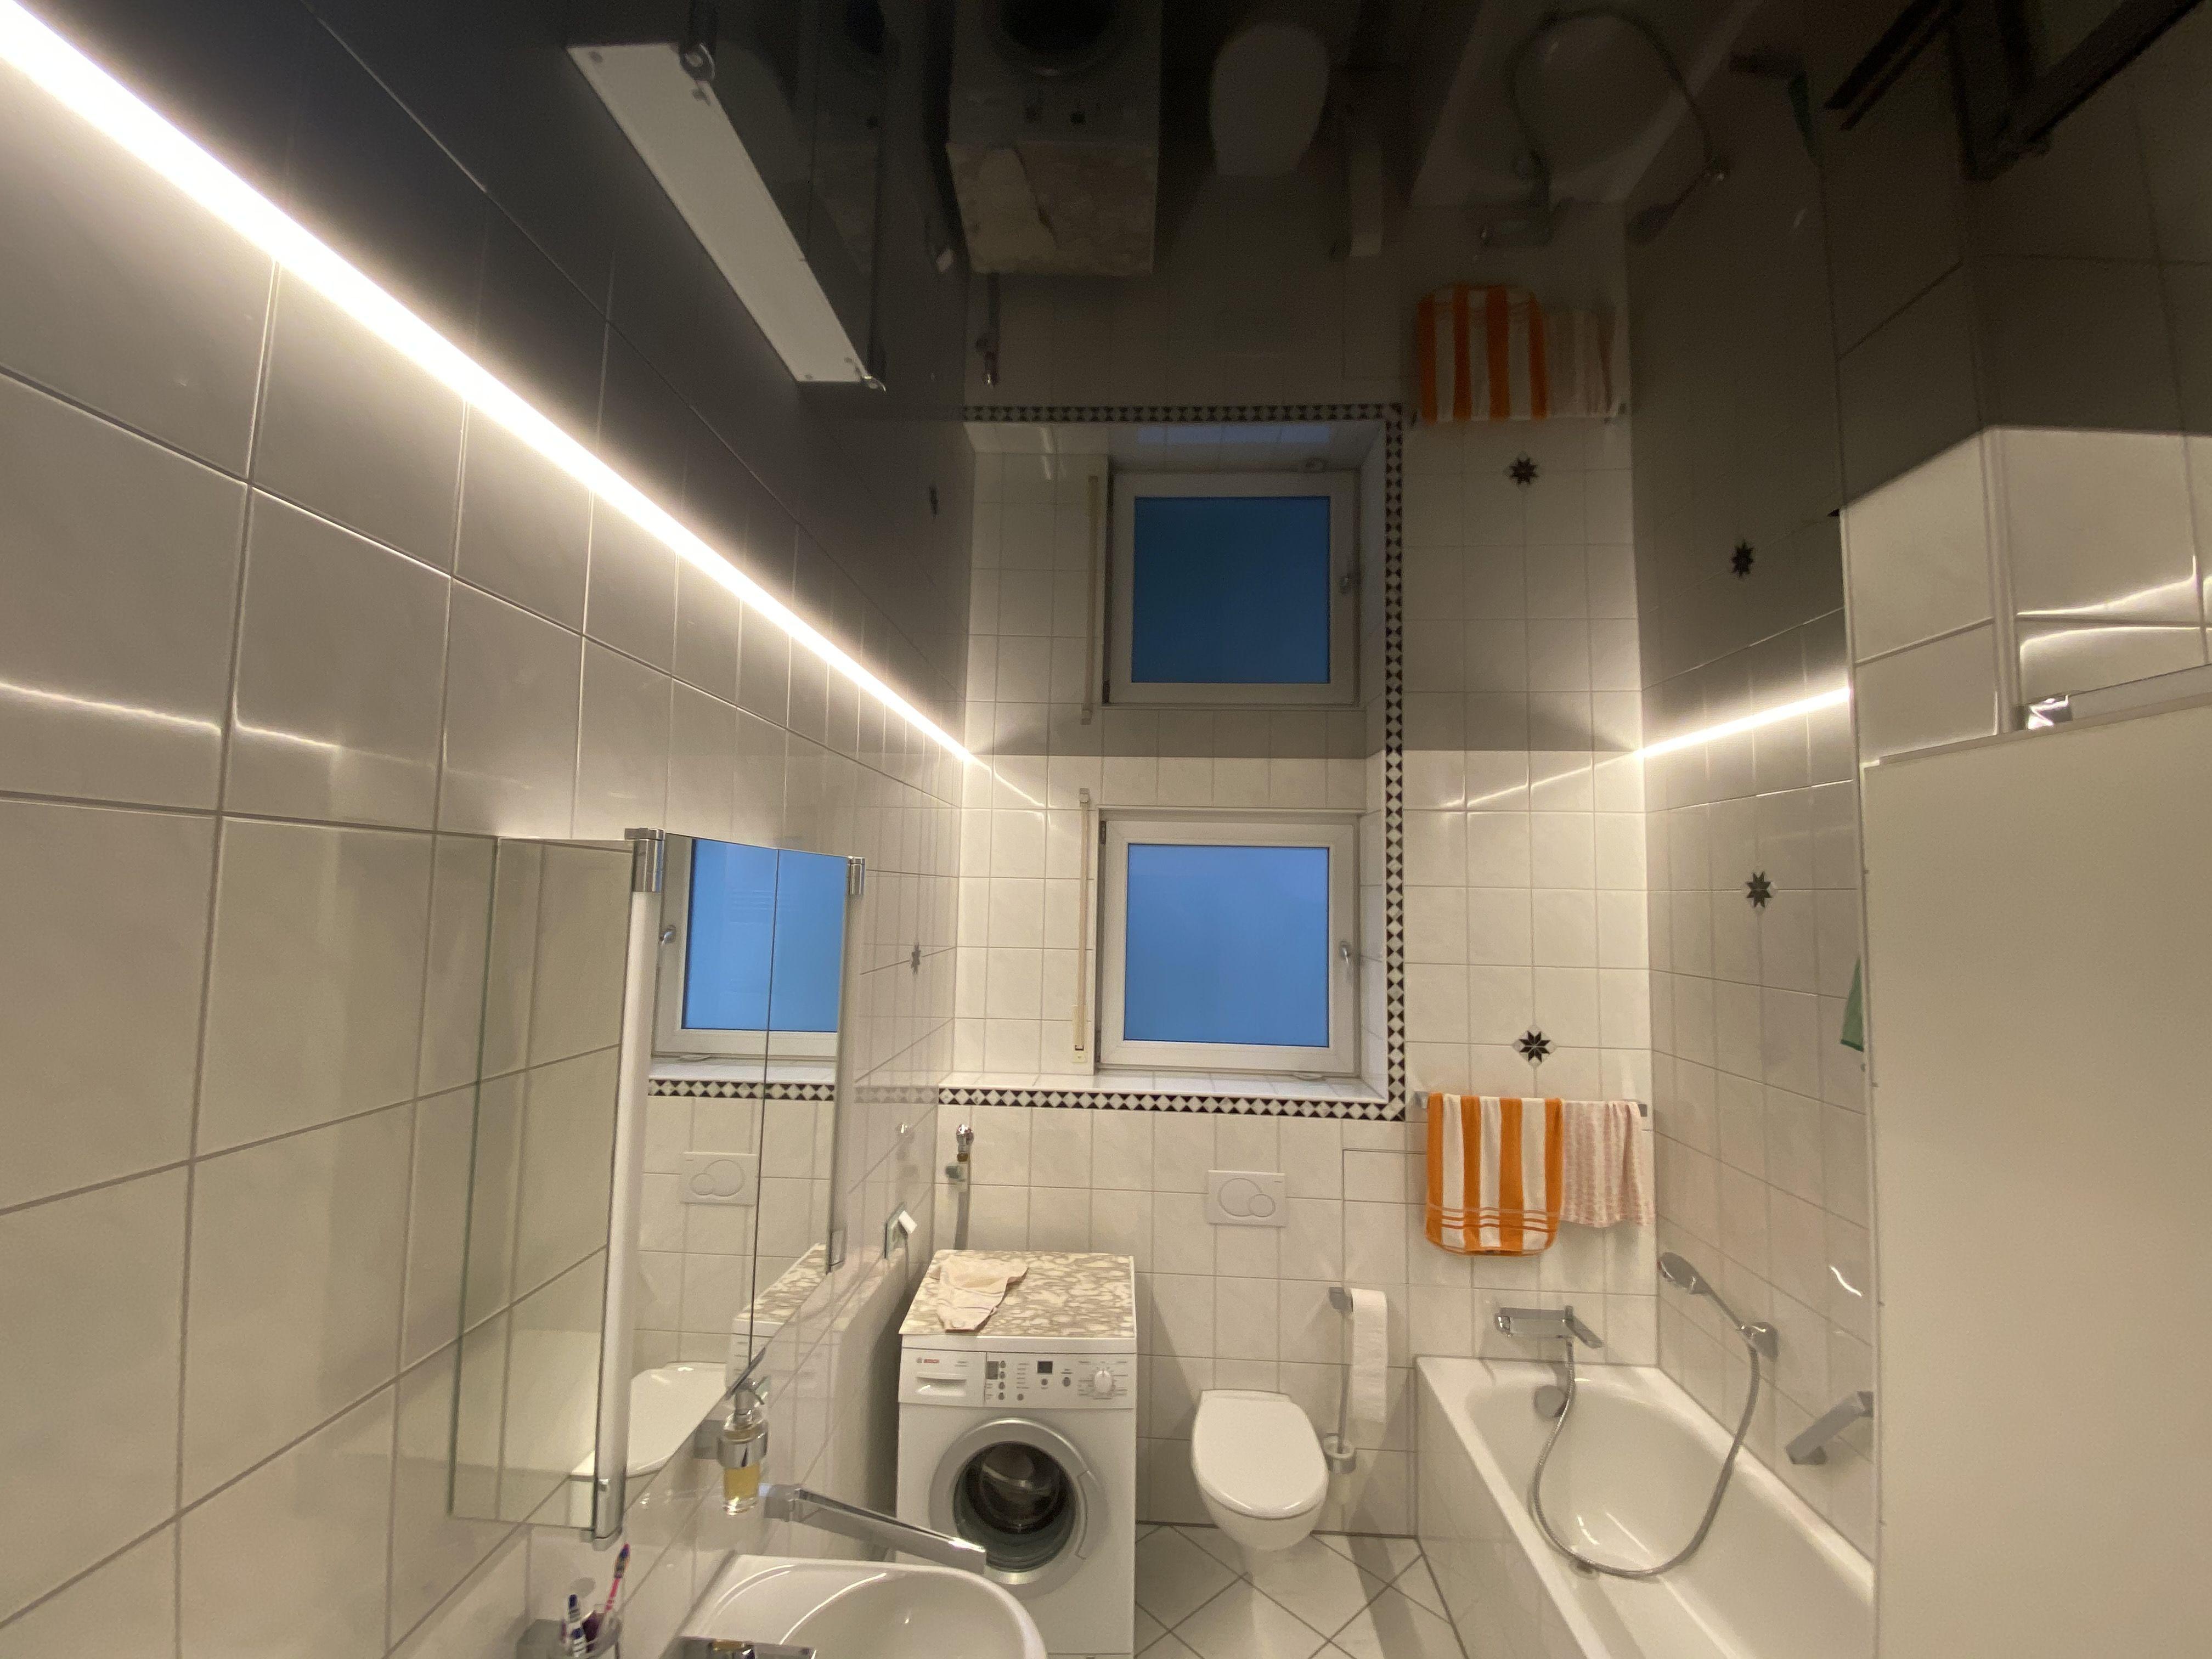 Badezimmer Mit Schwarz Glanzender Spanndecke Und Swarovski Sternenhimmel Www Spanndecken Bamberger De Spanndecken Badezimmer Decke